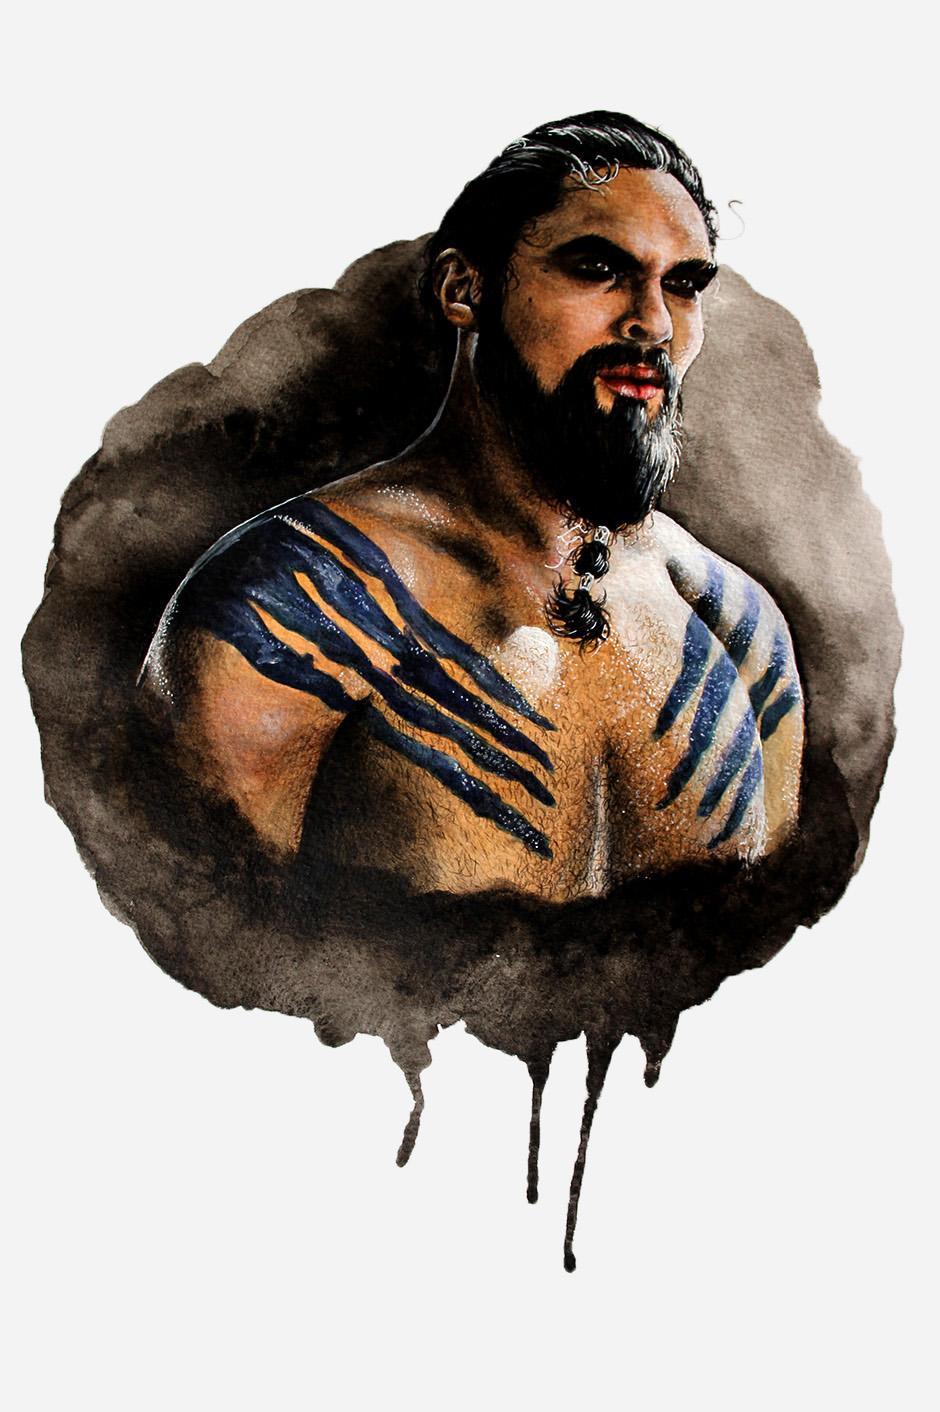 Fan Art Paintings Game Of Thrones